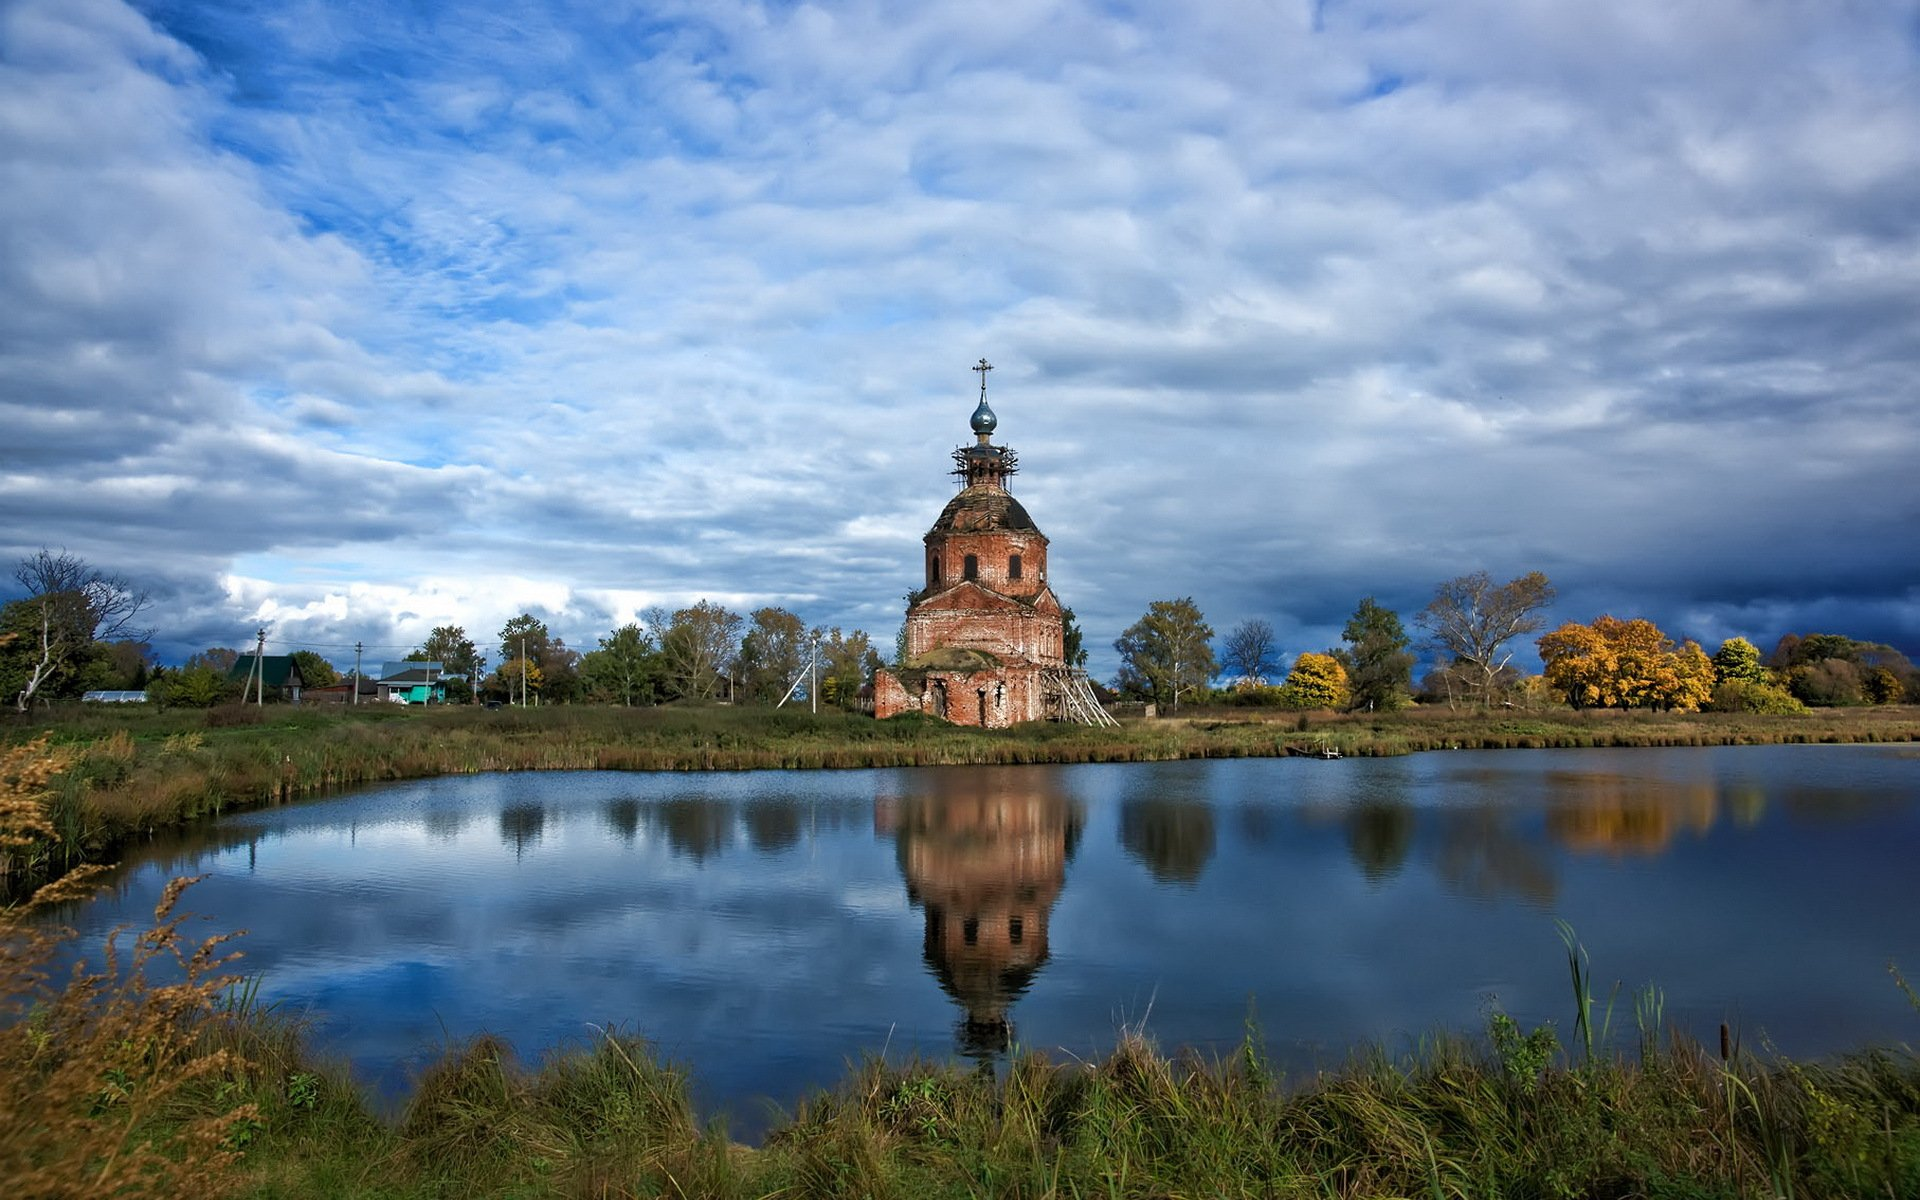 Мая красивые, картинки с храмом и природой